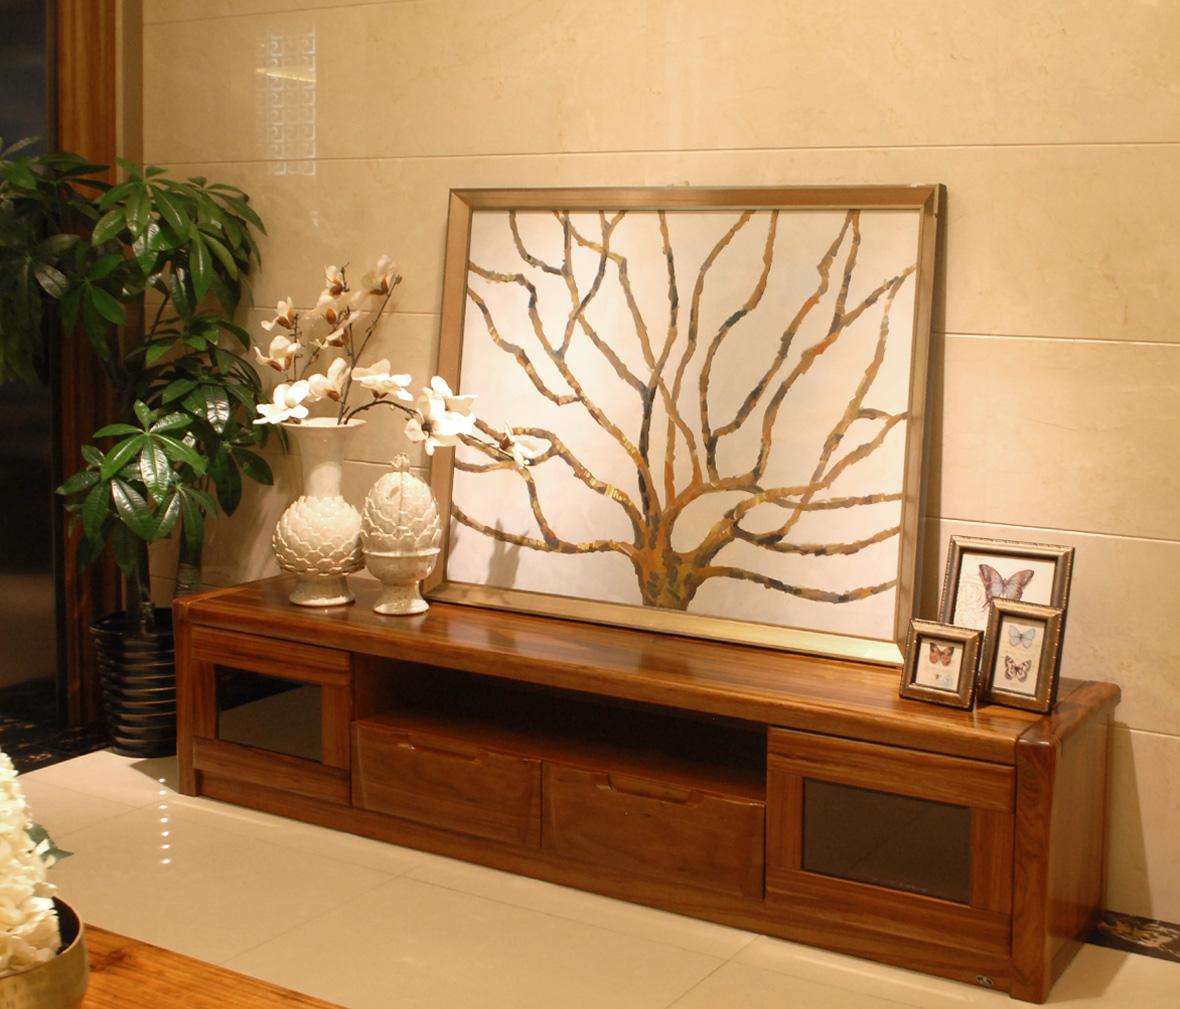 伯爵庄园 原7173型号美式古典实木弧形电视柜 百年工艺打造图片